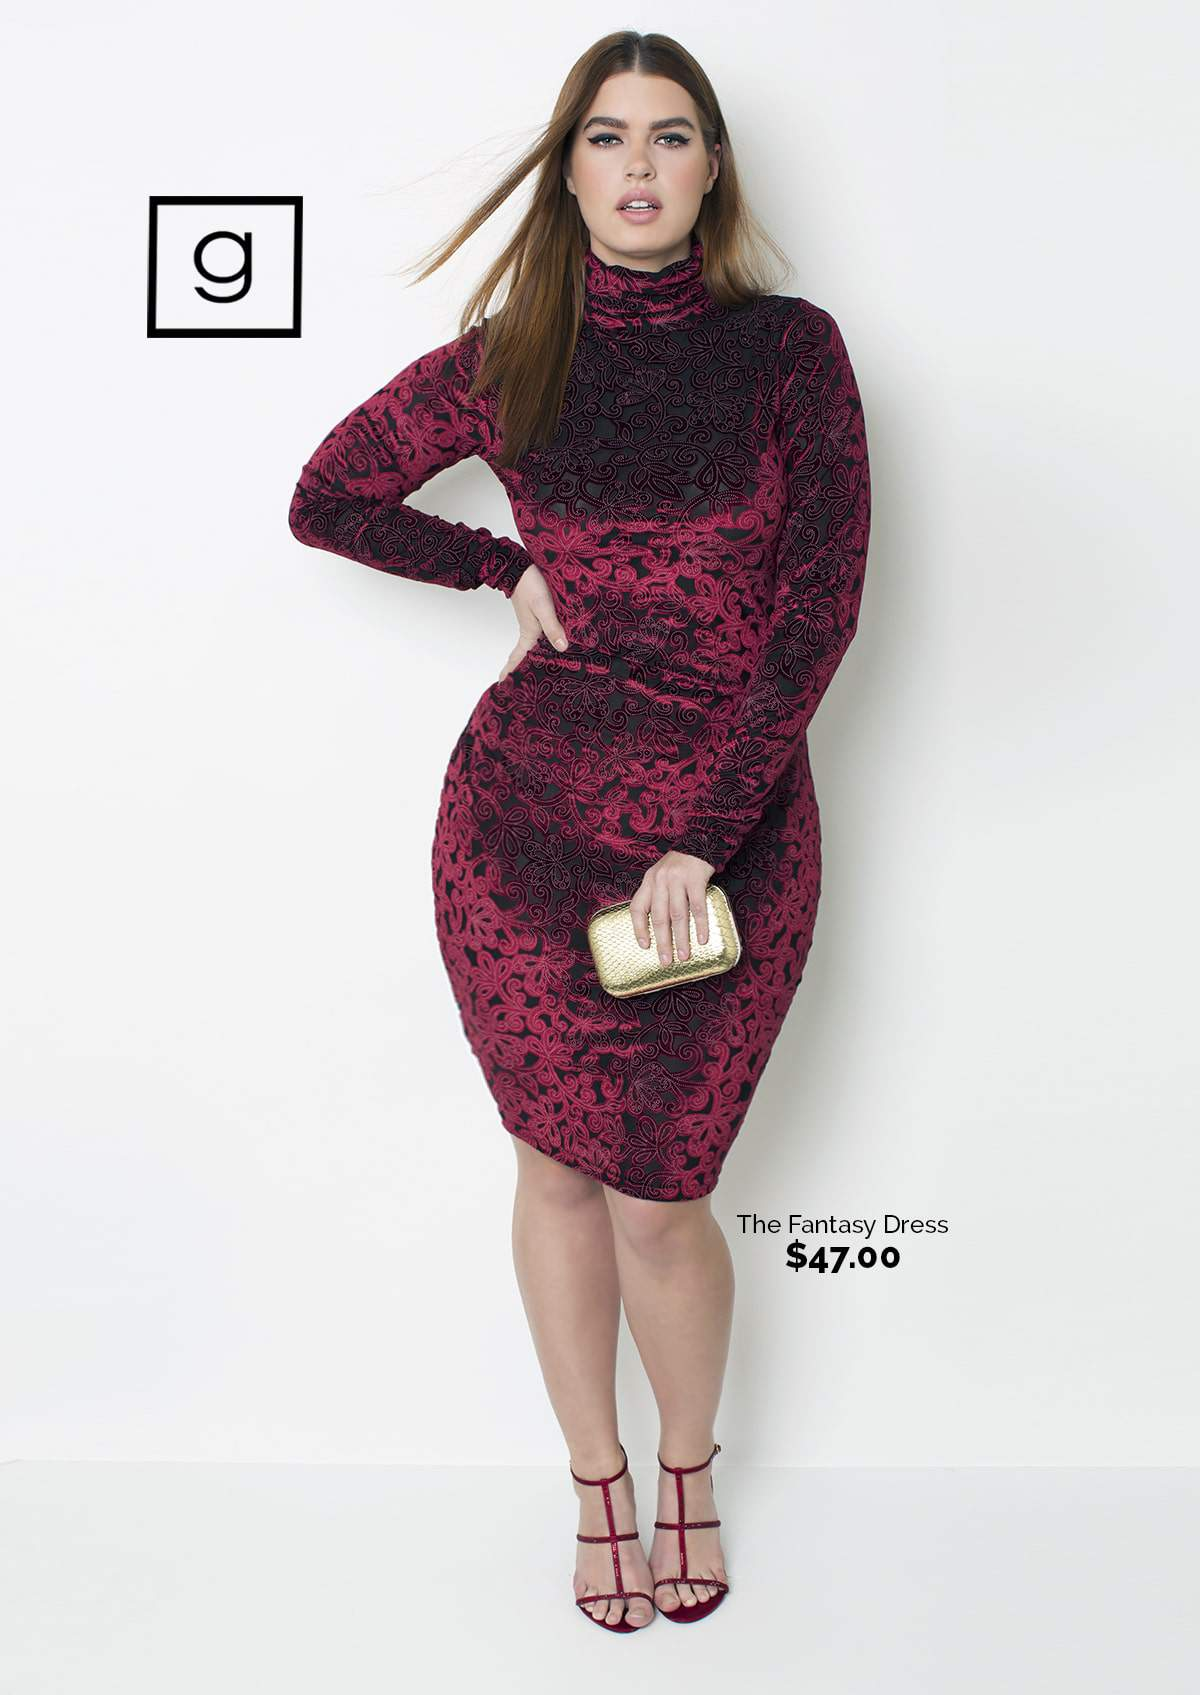 The Grisel Fantasy Plus Size Dress